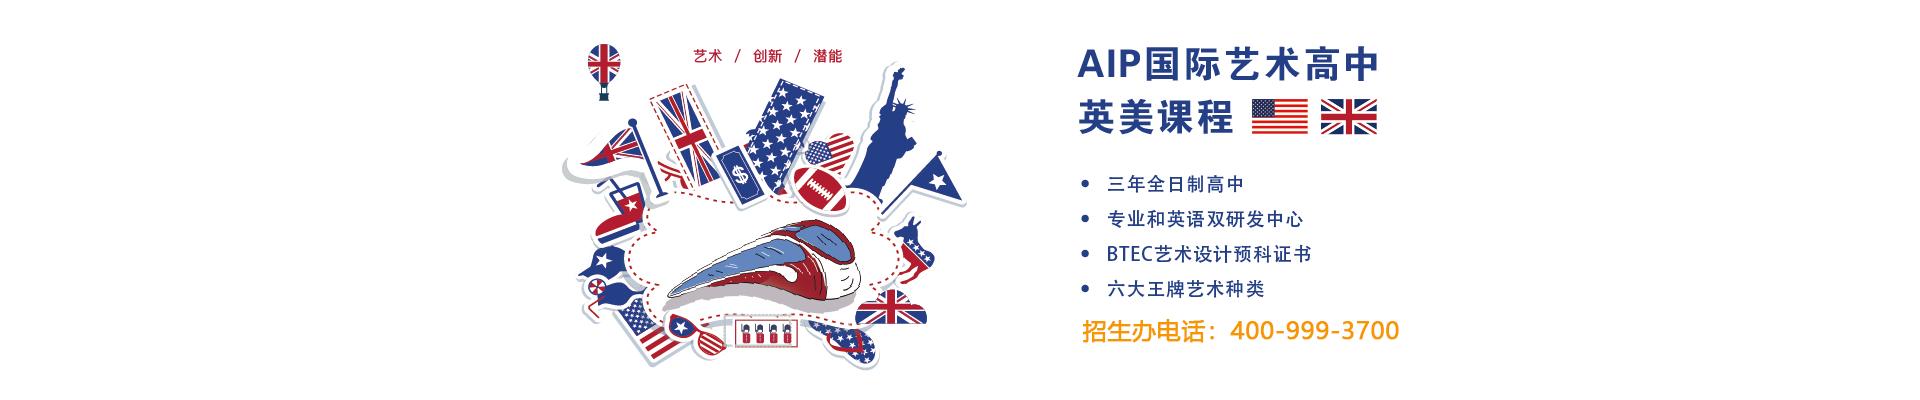 中国美院附中AIP国际艺术高中英美班招生简章